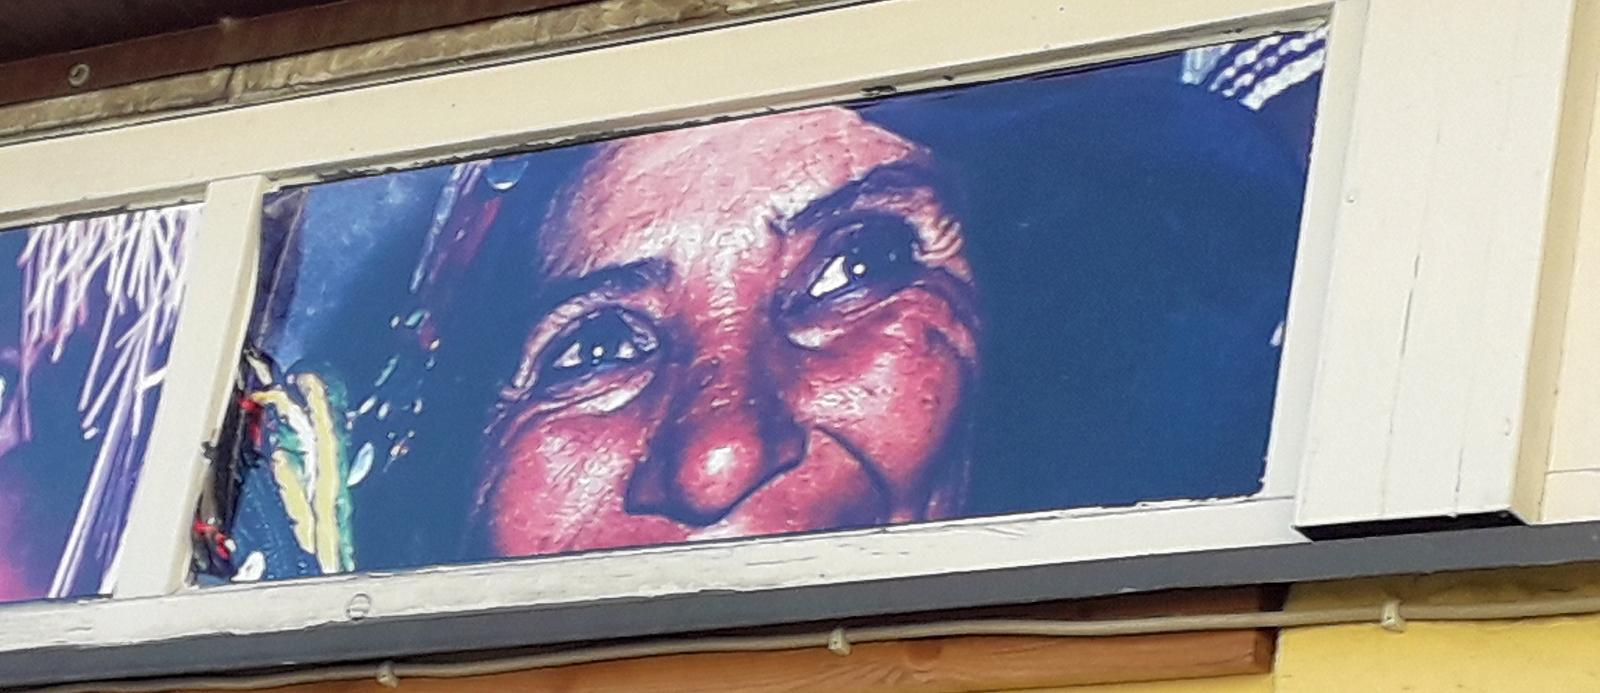 Gesicht mit Augen und Nase